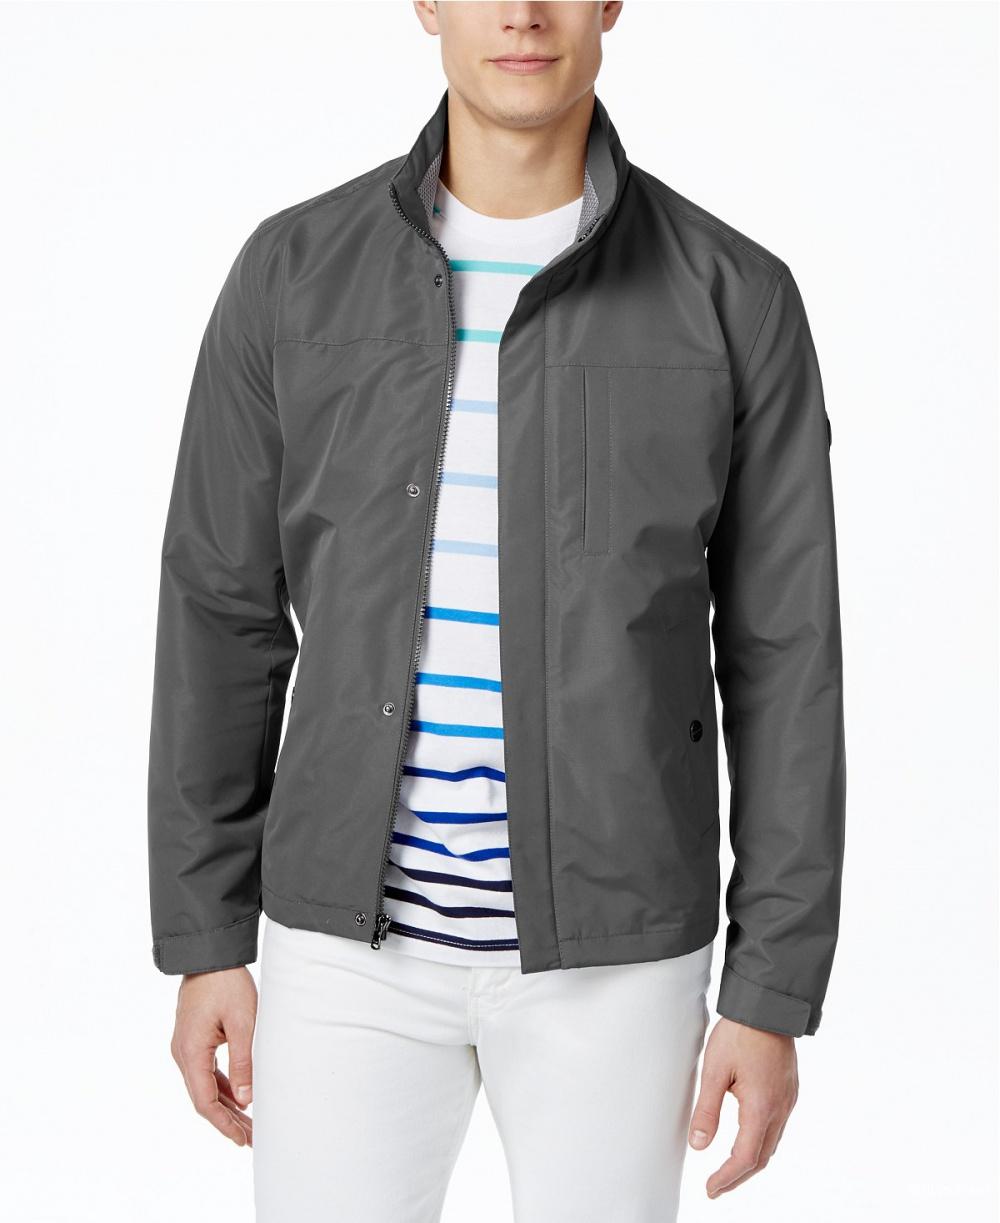 Куртка Michael Kors размер XXL